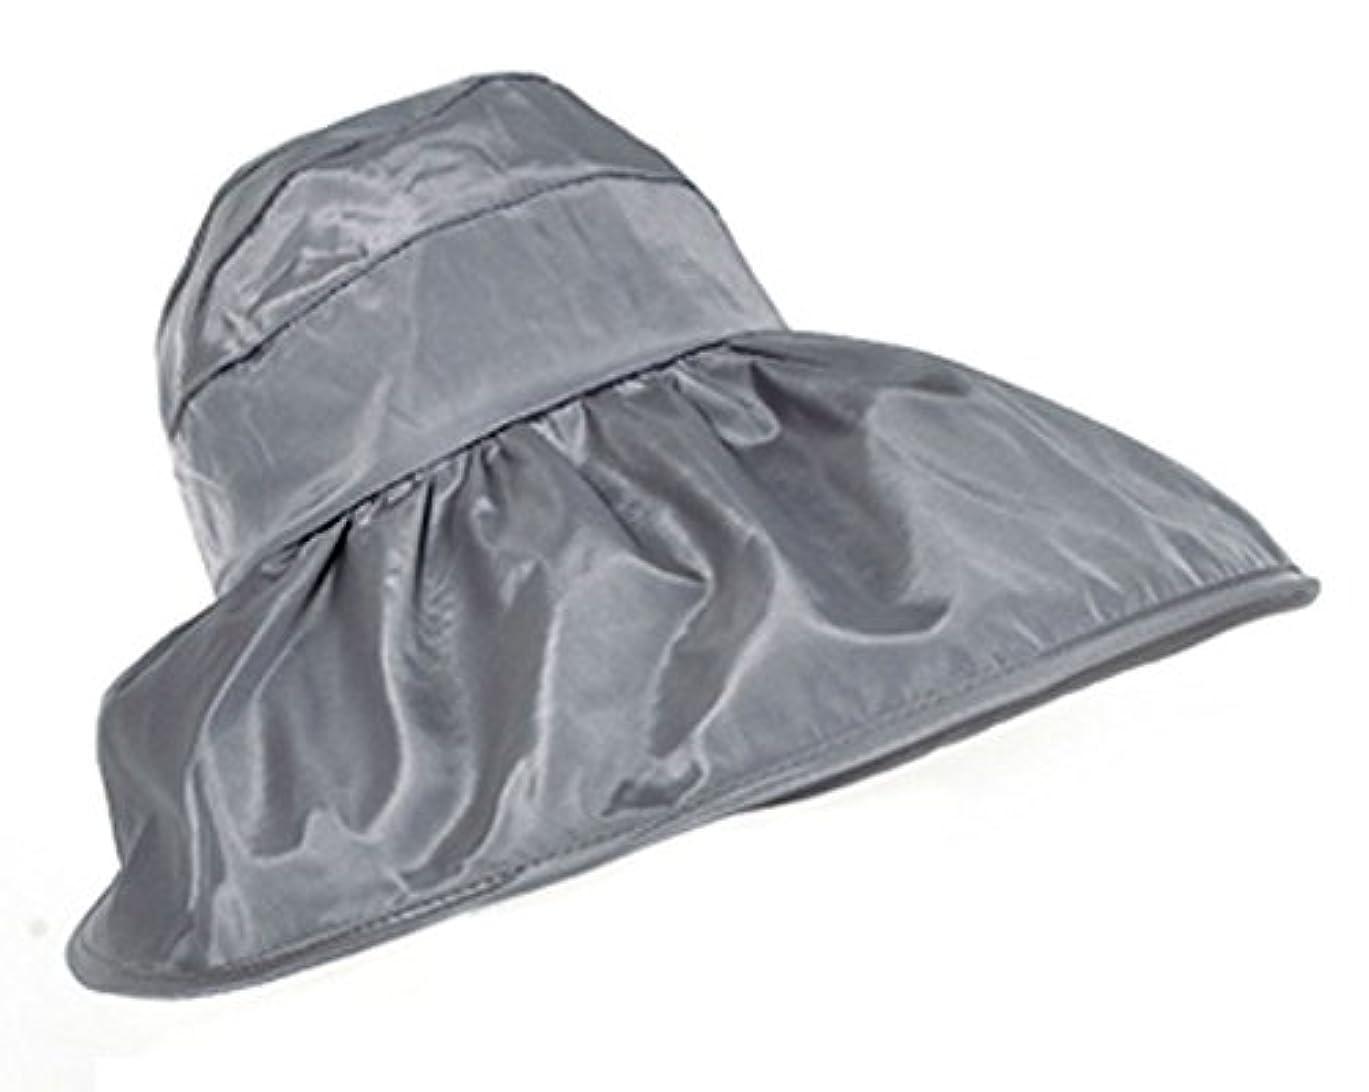 斧発信管理しますFakeFace 夏 レディース 帽子 UVカット サンバイザー 紫外線対策 日よけ帽子 つば広 オシャレ ケープ ハット 日よけ 折りたたみ 防水 カジュアル 海 農作業 ぼうし サイズ調節可